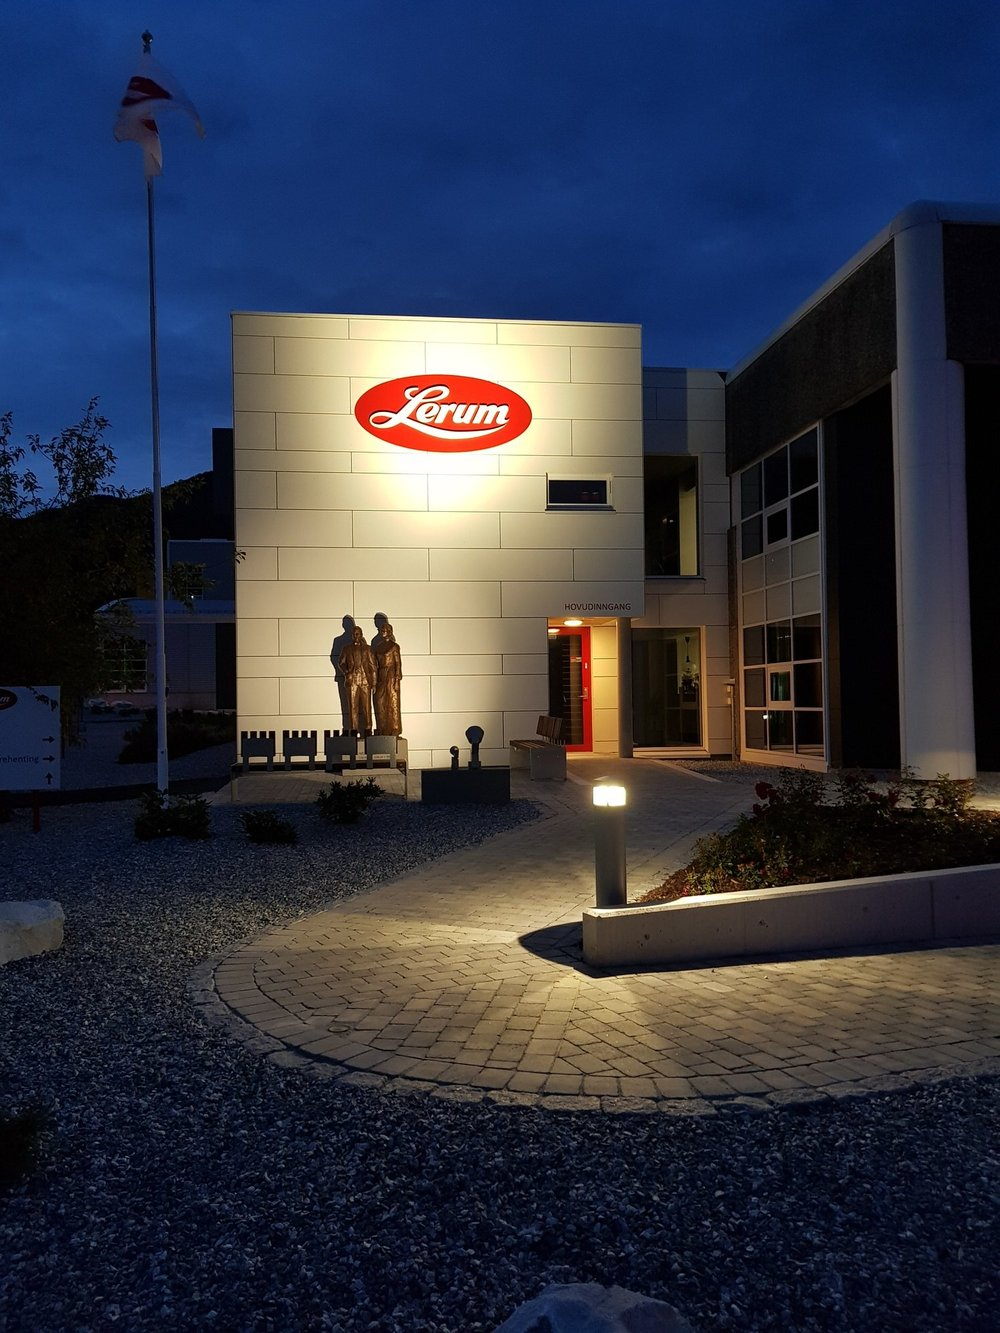 Velkommen til fabrikken vår på Kaupanger - For å møte krav til kapasitet og kvalitet bygde Lerum i 1993 eit framtidsretta anlegg for produksjon og tapping av drikkevarer. Fabrikken er tilrettelagt for omvising.Ta kontakt for omvising!